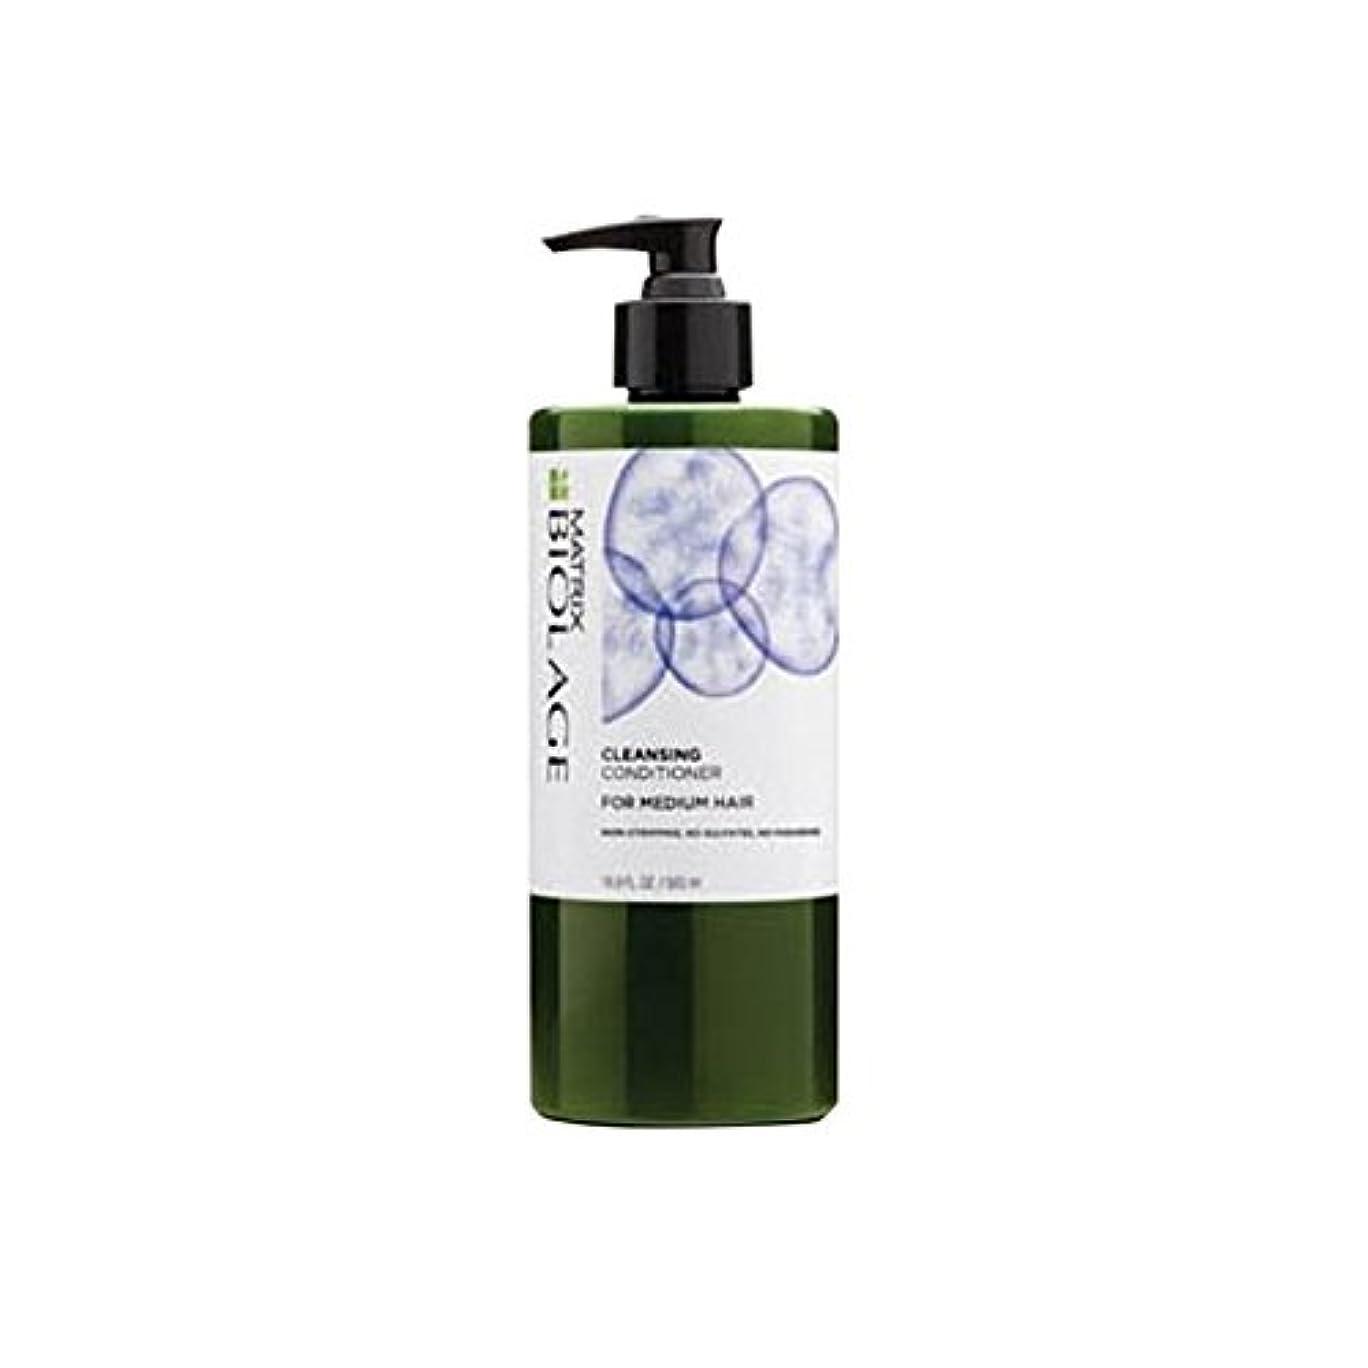 でしみオーガニックマトリックスバイオレイジクレンジングコンディショナー - メディア髪(500ミリリットル) x4 - Matrix Biolage Cleansing Conditioner - Medium Hair (500ml)...